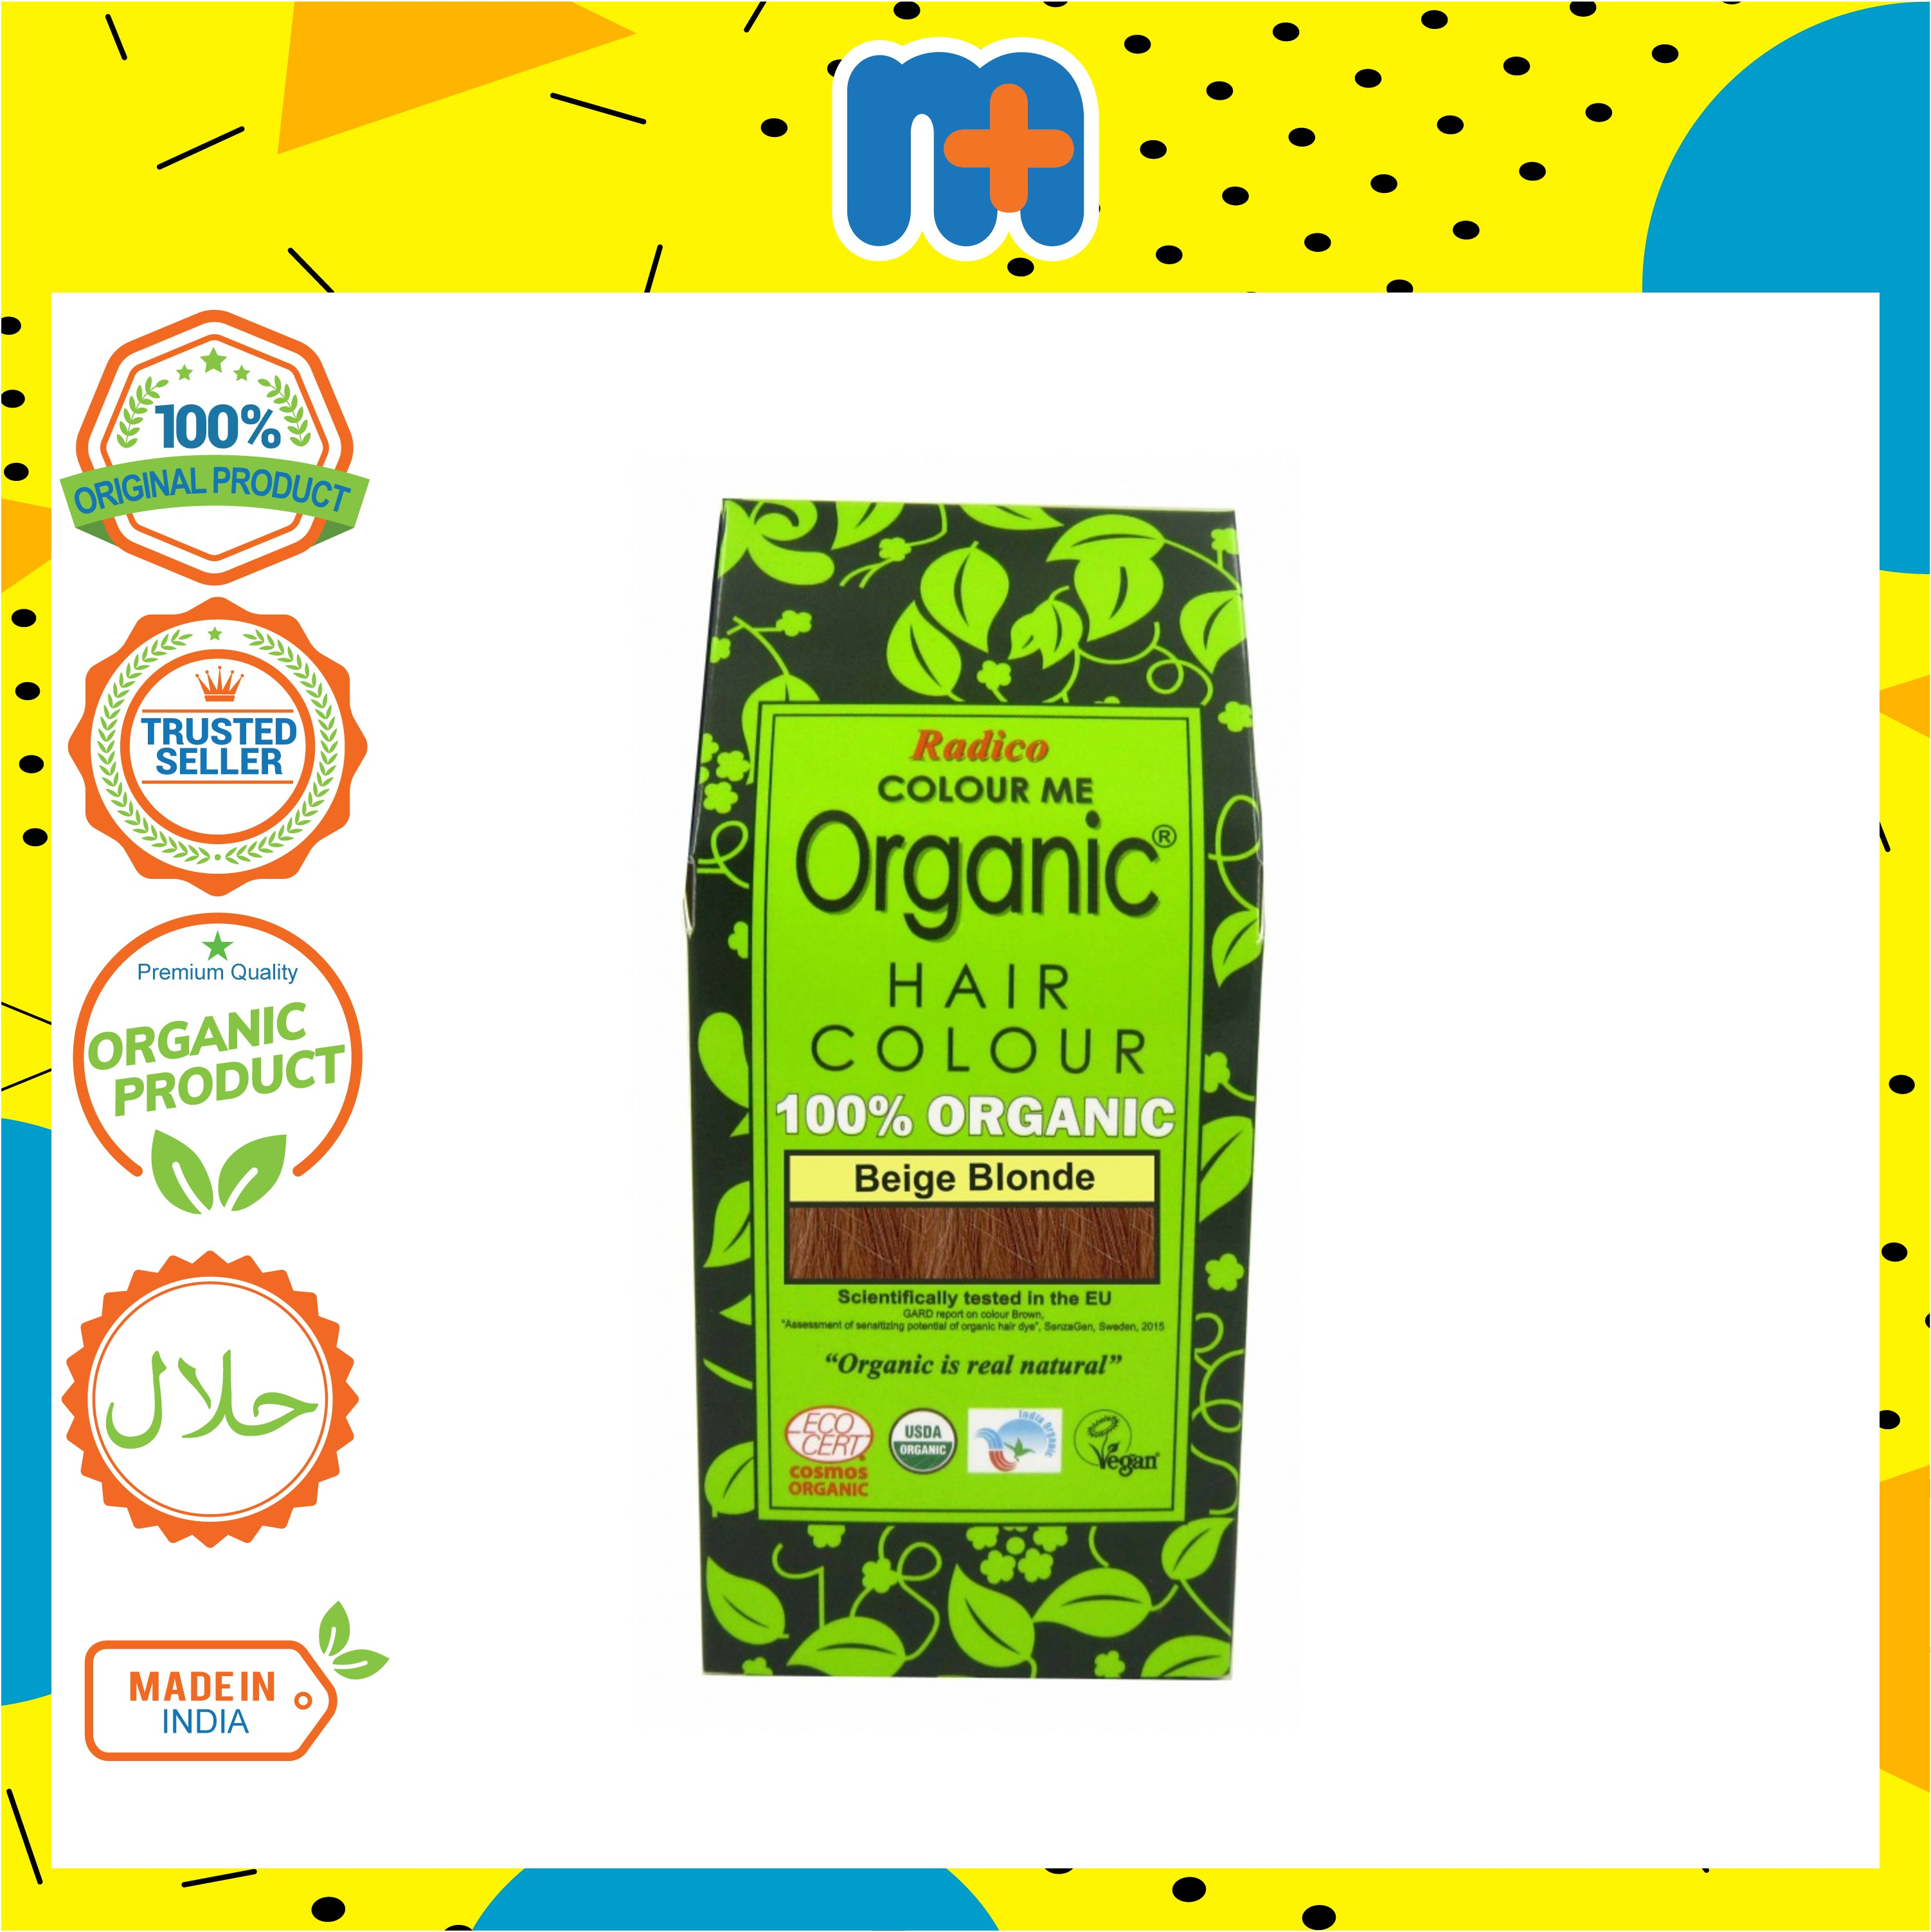 [MPLUS] RADICO 100% Organic Hair Colour Powder 100g (Beige Blonde)